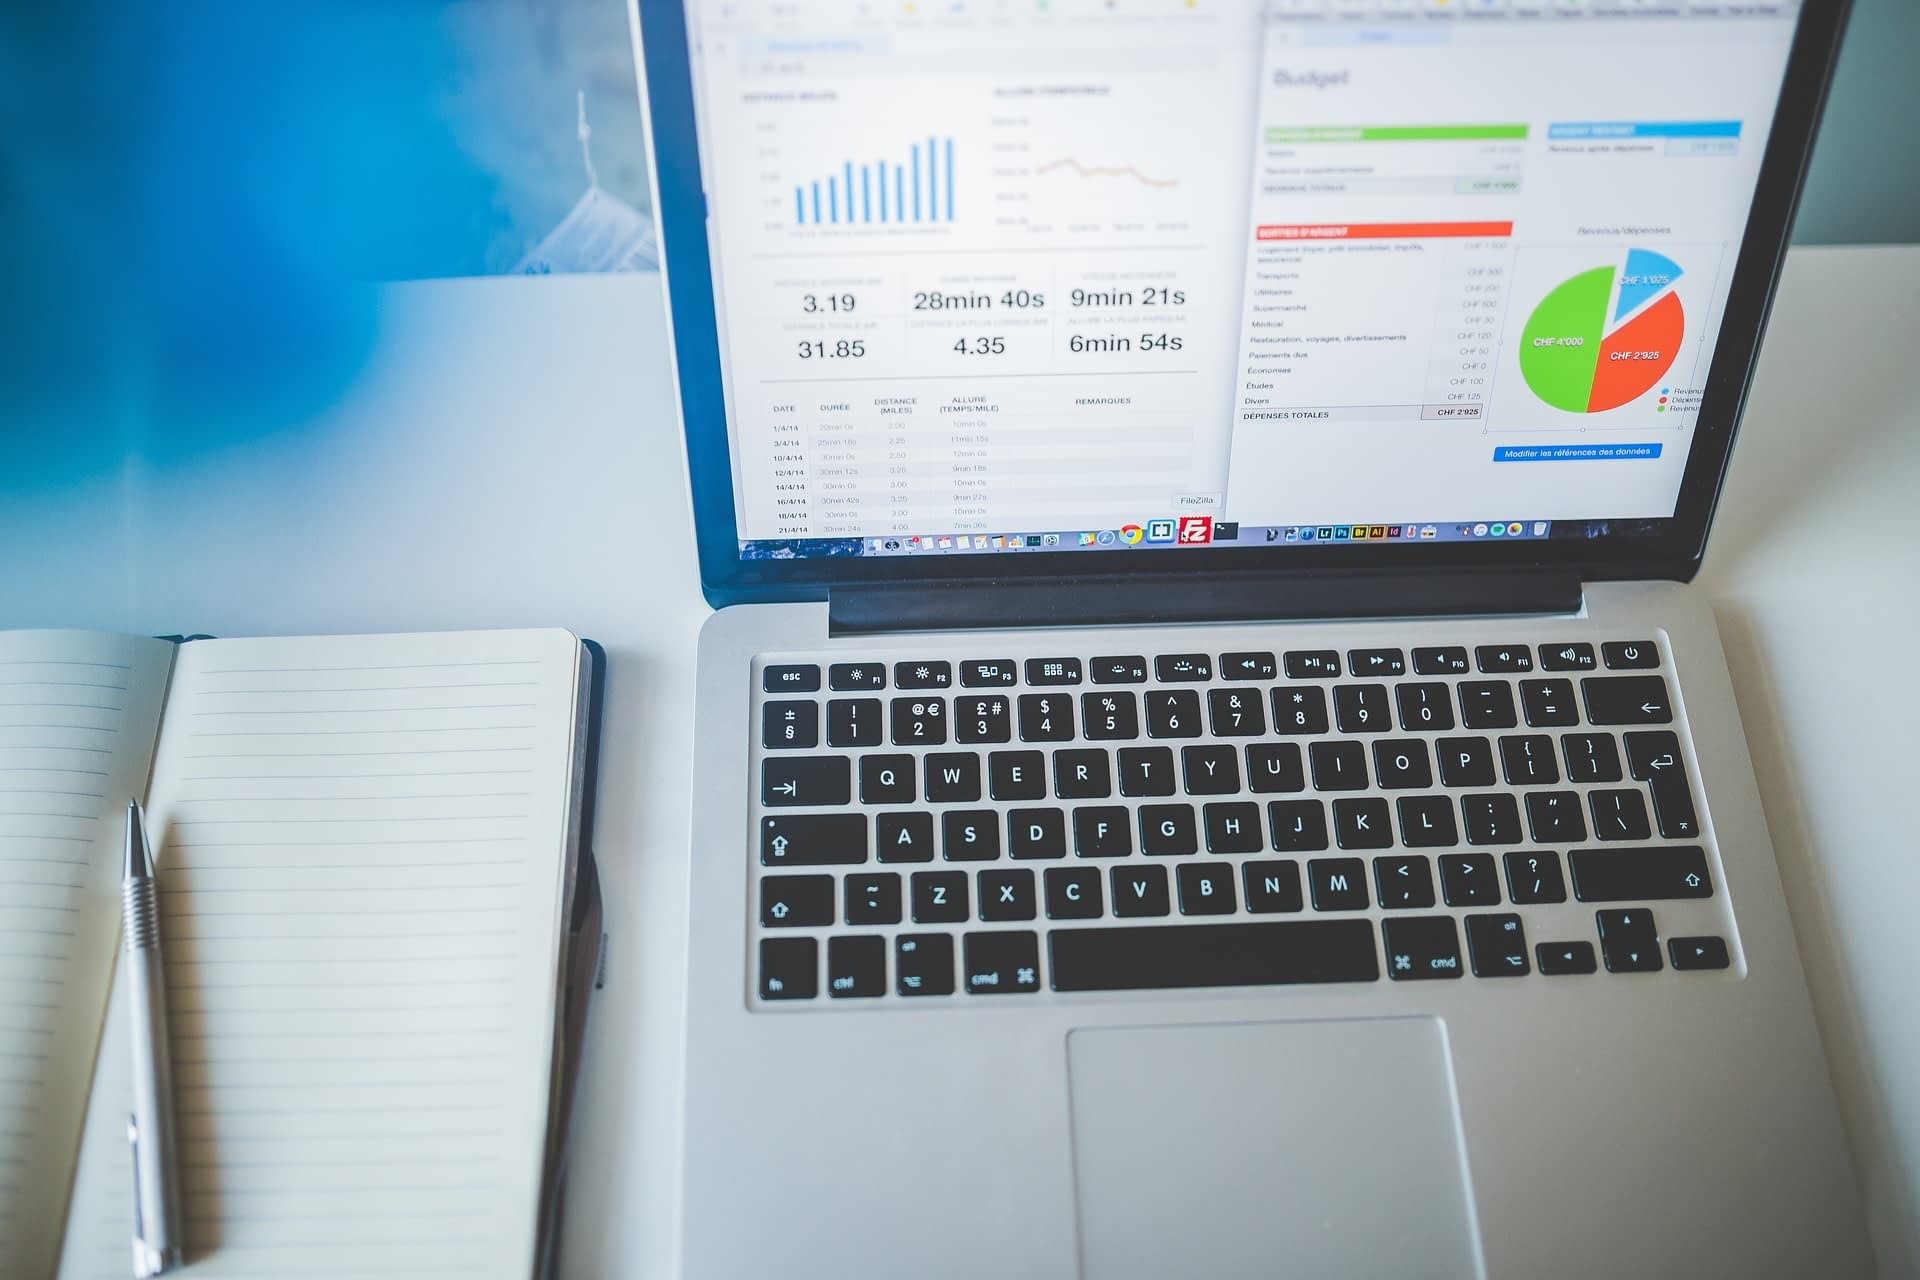 web analytics data